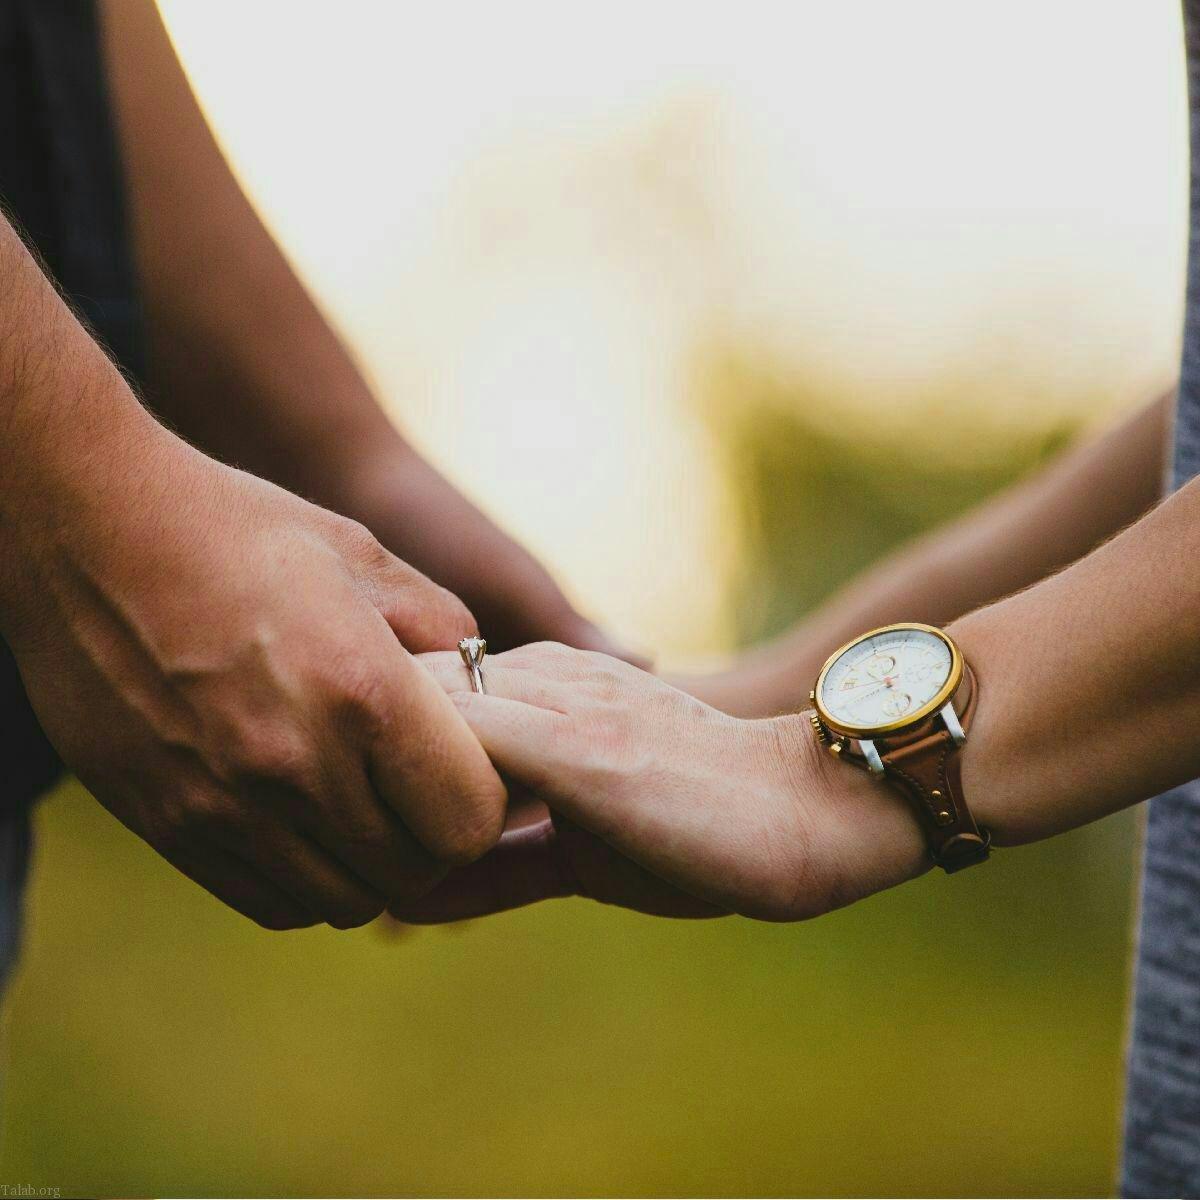 شعر عاشقانه کوتاه | دلنوشته های عاشقانه کوتاه و غمگین